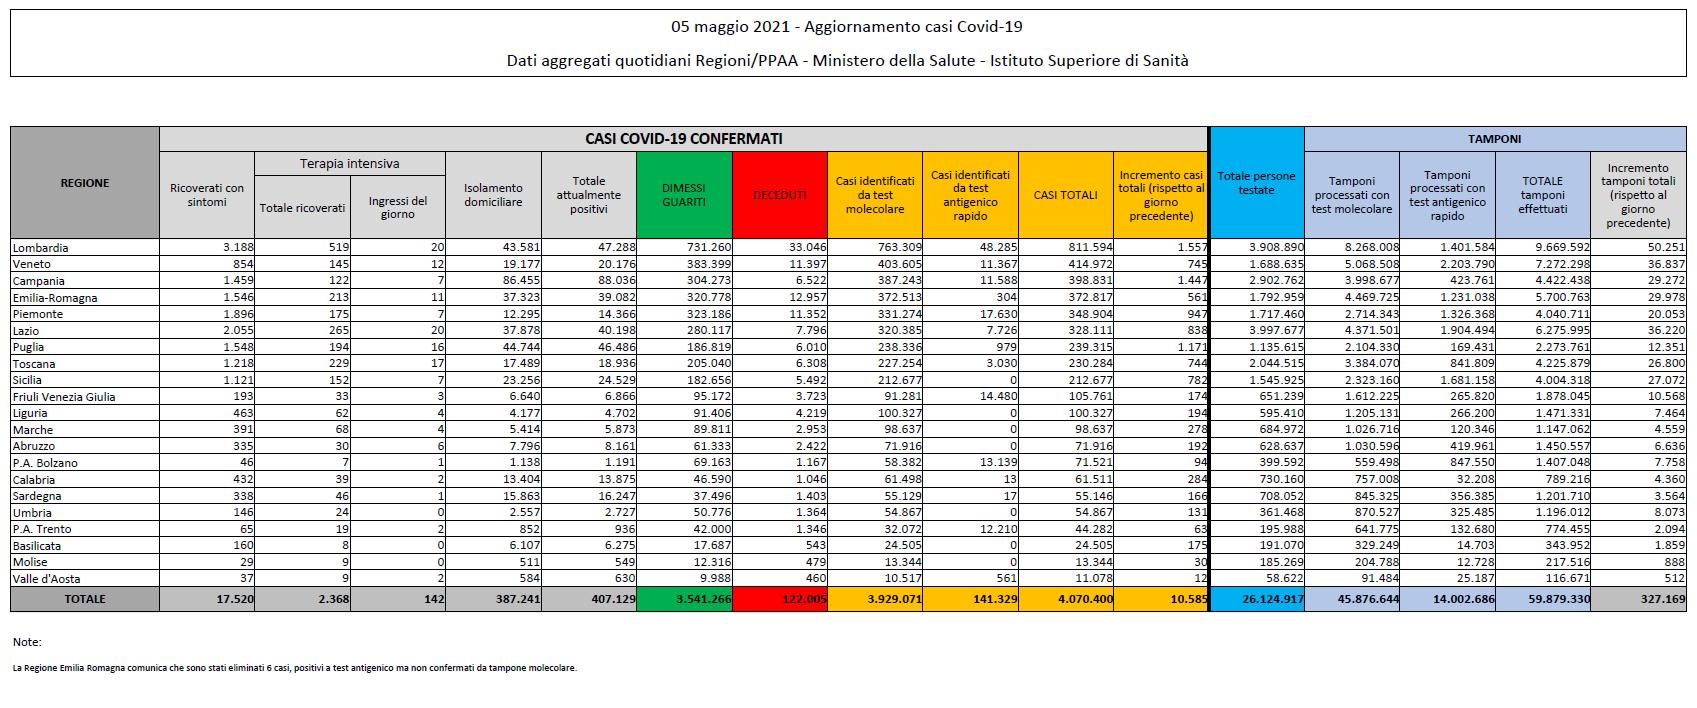 Corona virus: Italia, 407129 attualmente positivi a test ( 6760 in un giorno) con 122005 decessi (267) e 3541266 guariti (17072). Totale di 4070400 casi (10585) Dati della protezione civile: effettuati 327169 tamponi